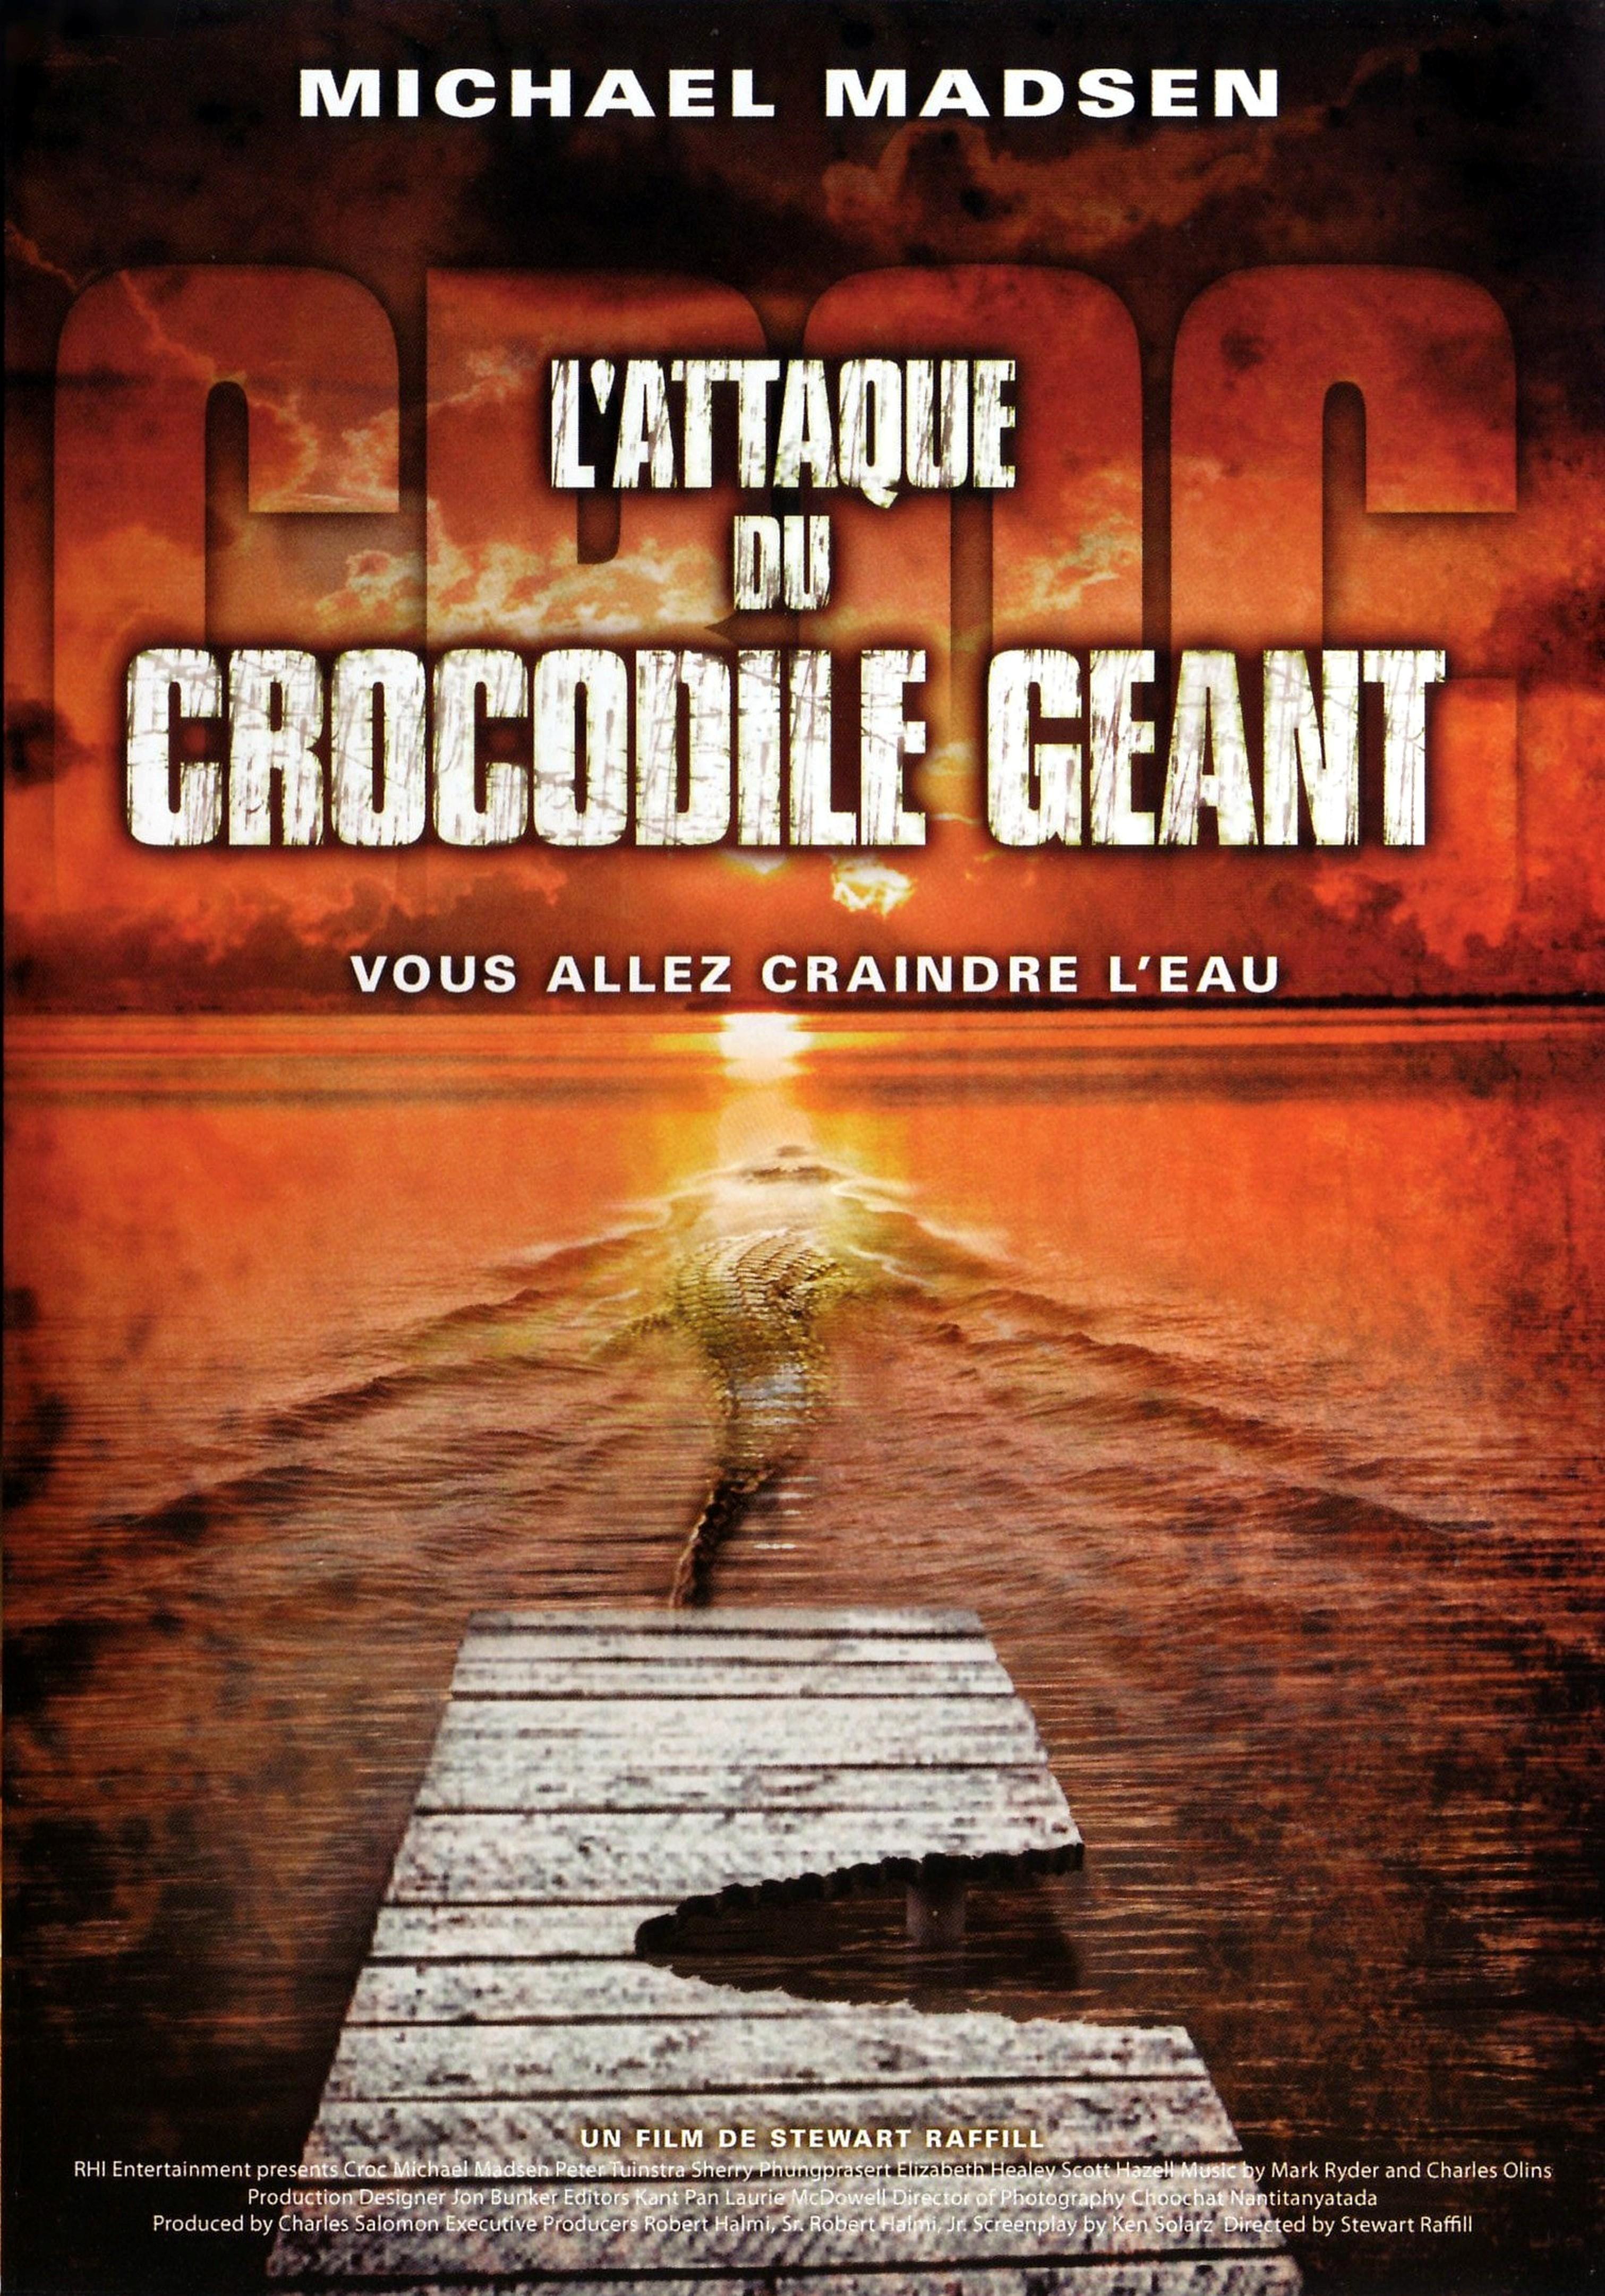 affiche du film L'attaque du crocodile géant (TV)